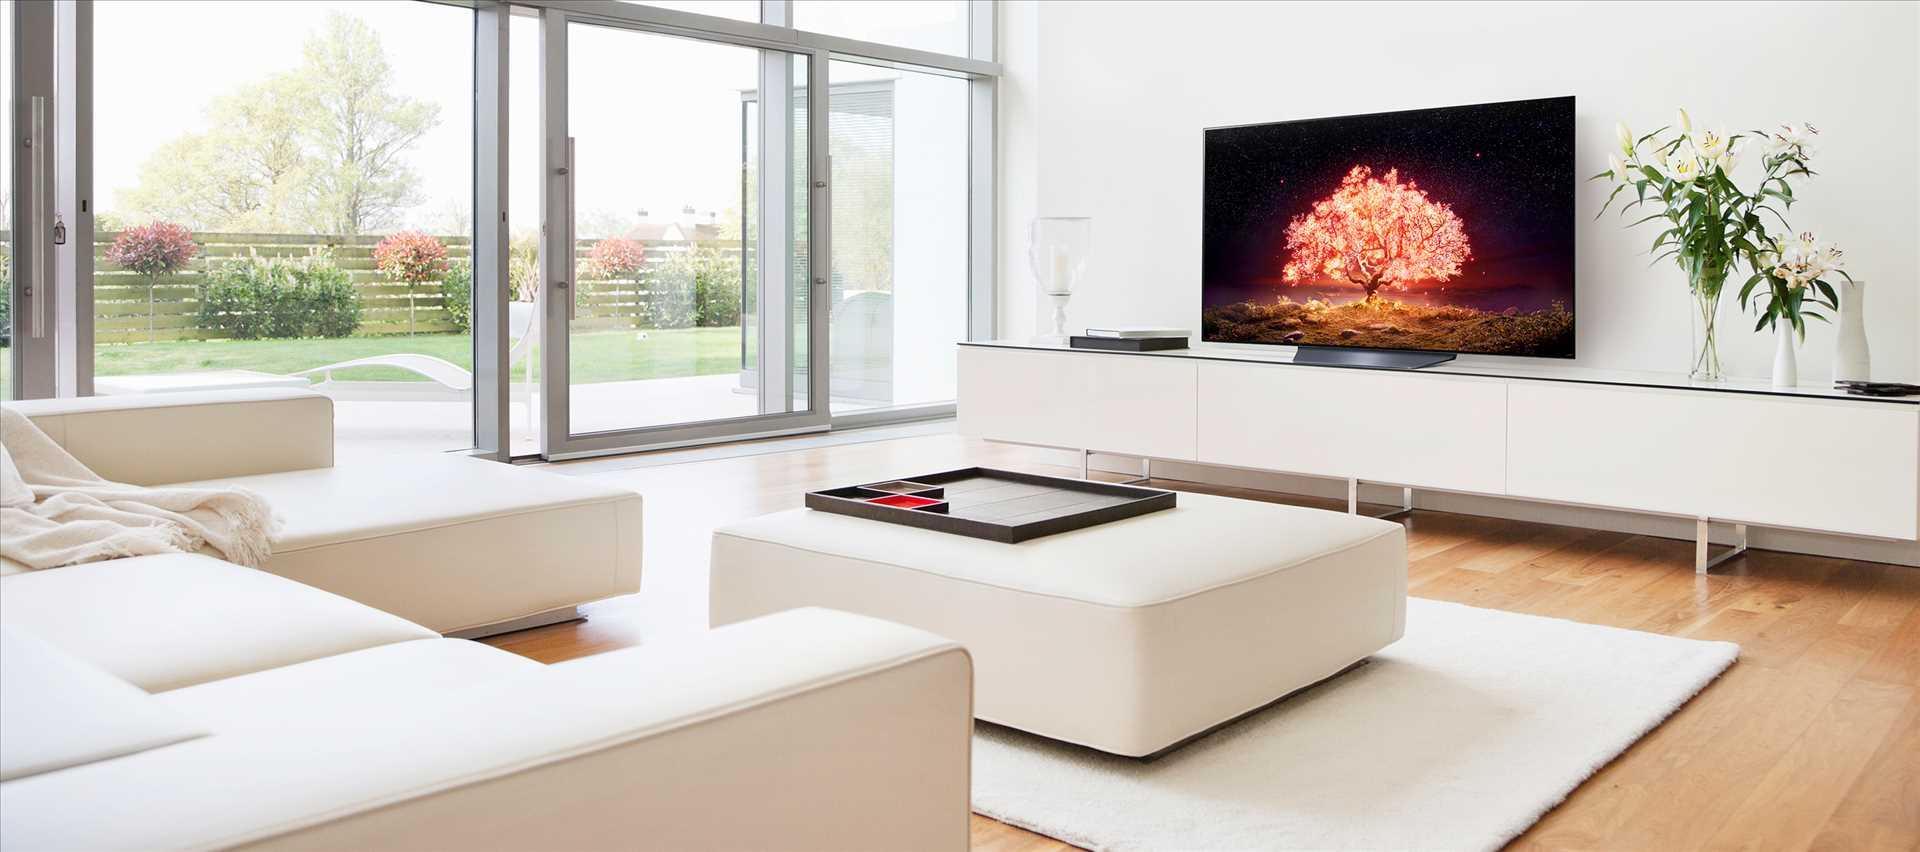 טלוויזיה 65 אינץ' דגם OLED 65B16LA/PVA  בטכנולוגיית LG OLED 4K Ultra HD אל ג'י - תמונה 11